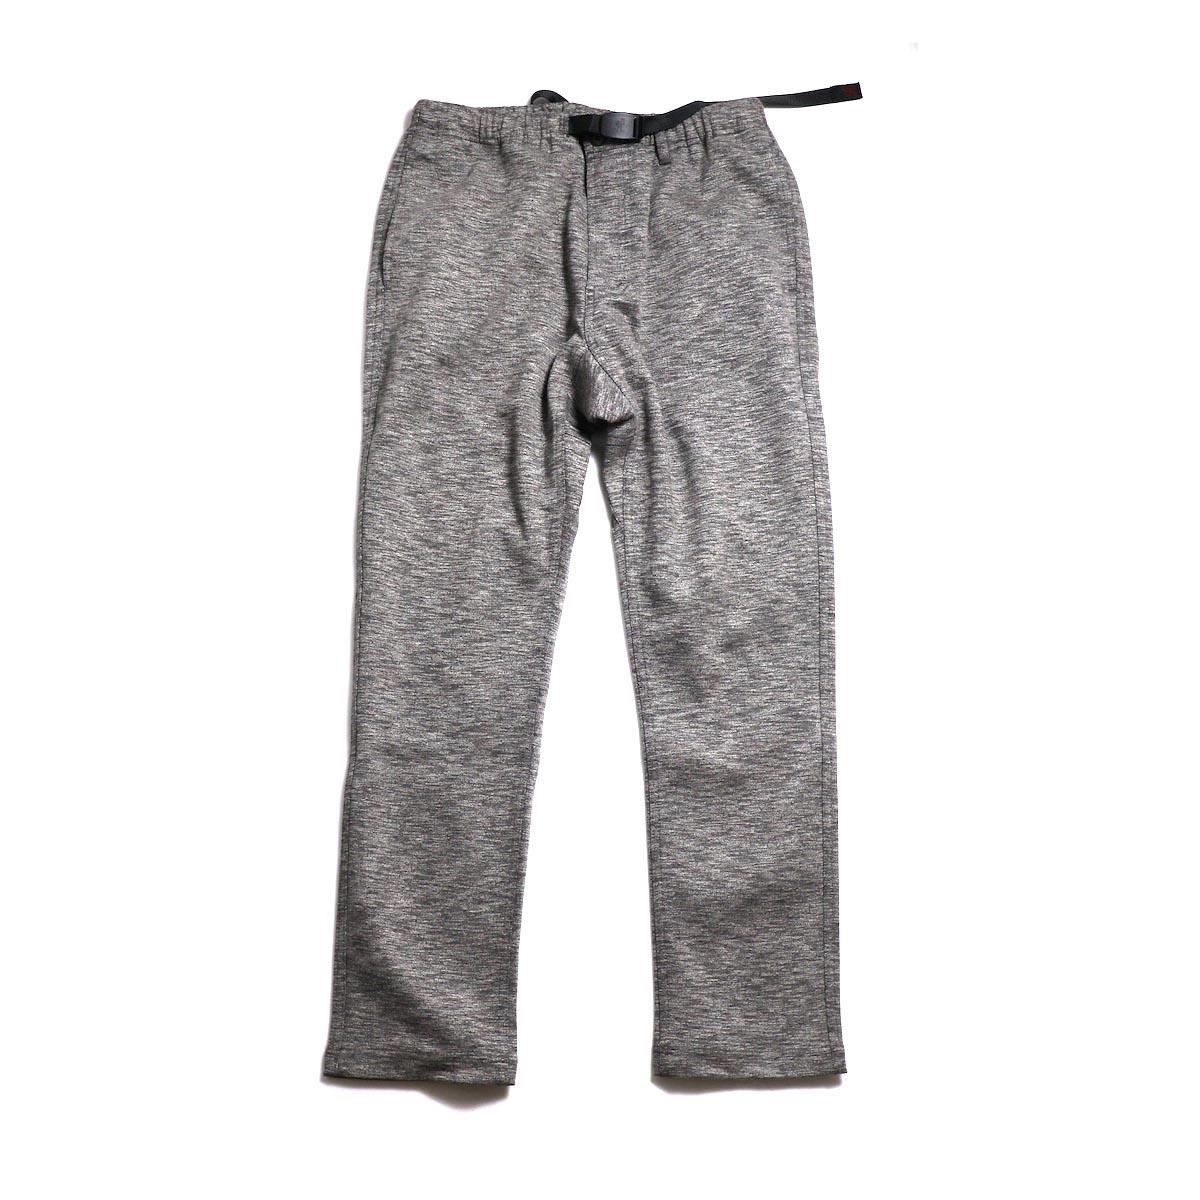 GRAMICCI / Coolmax Knit NN-Pants Tight Fit -Heather Charcoal